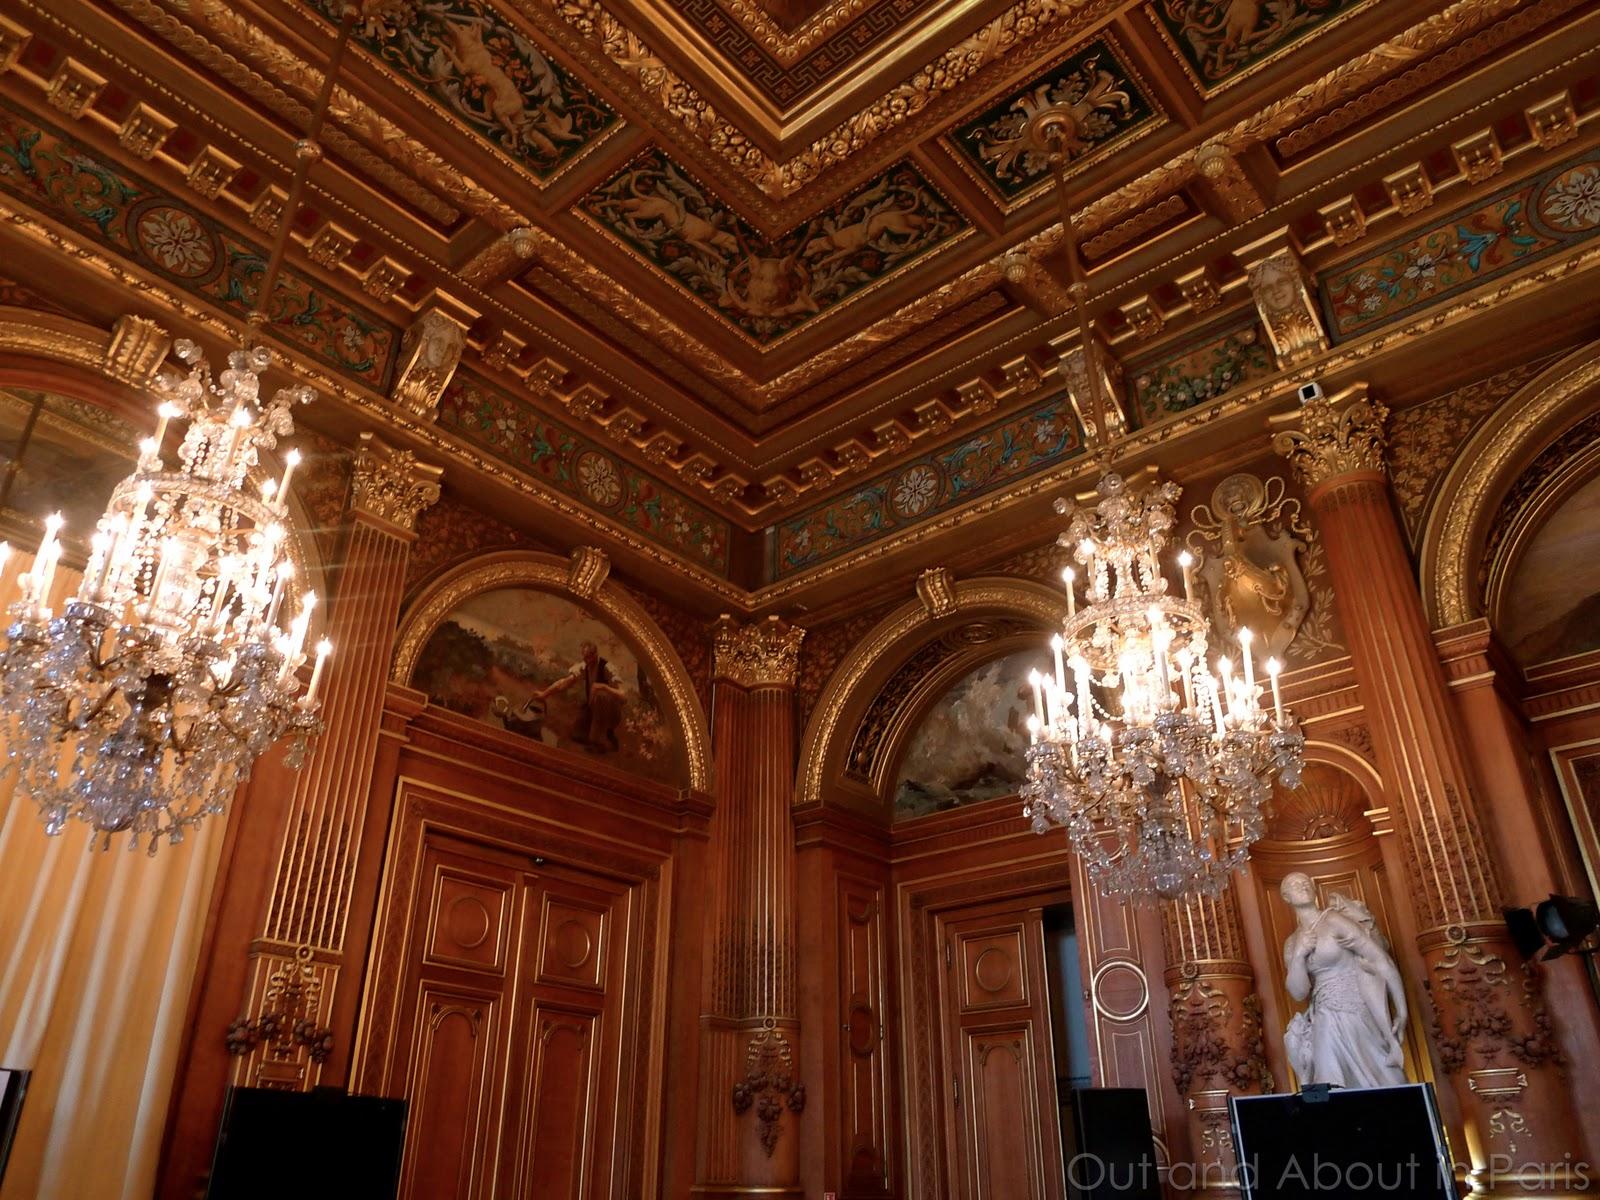 H tel de ville in paris you 39 ve seen the outside now it 39 s - Salons de the a paris ...